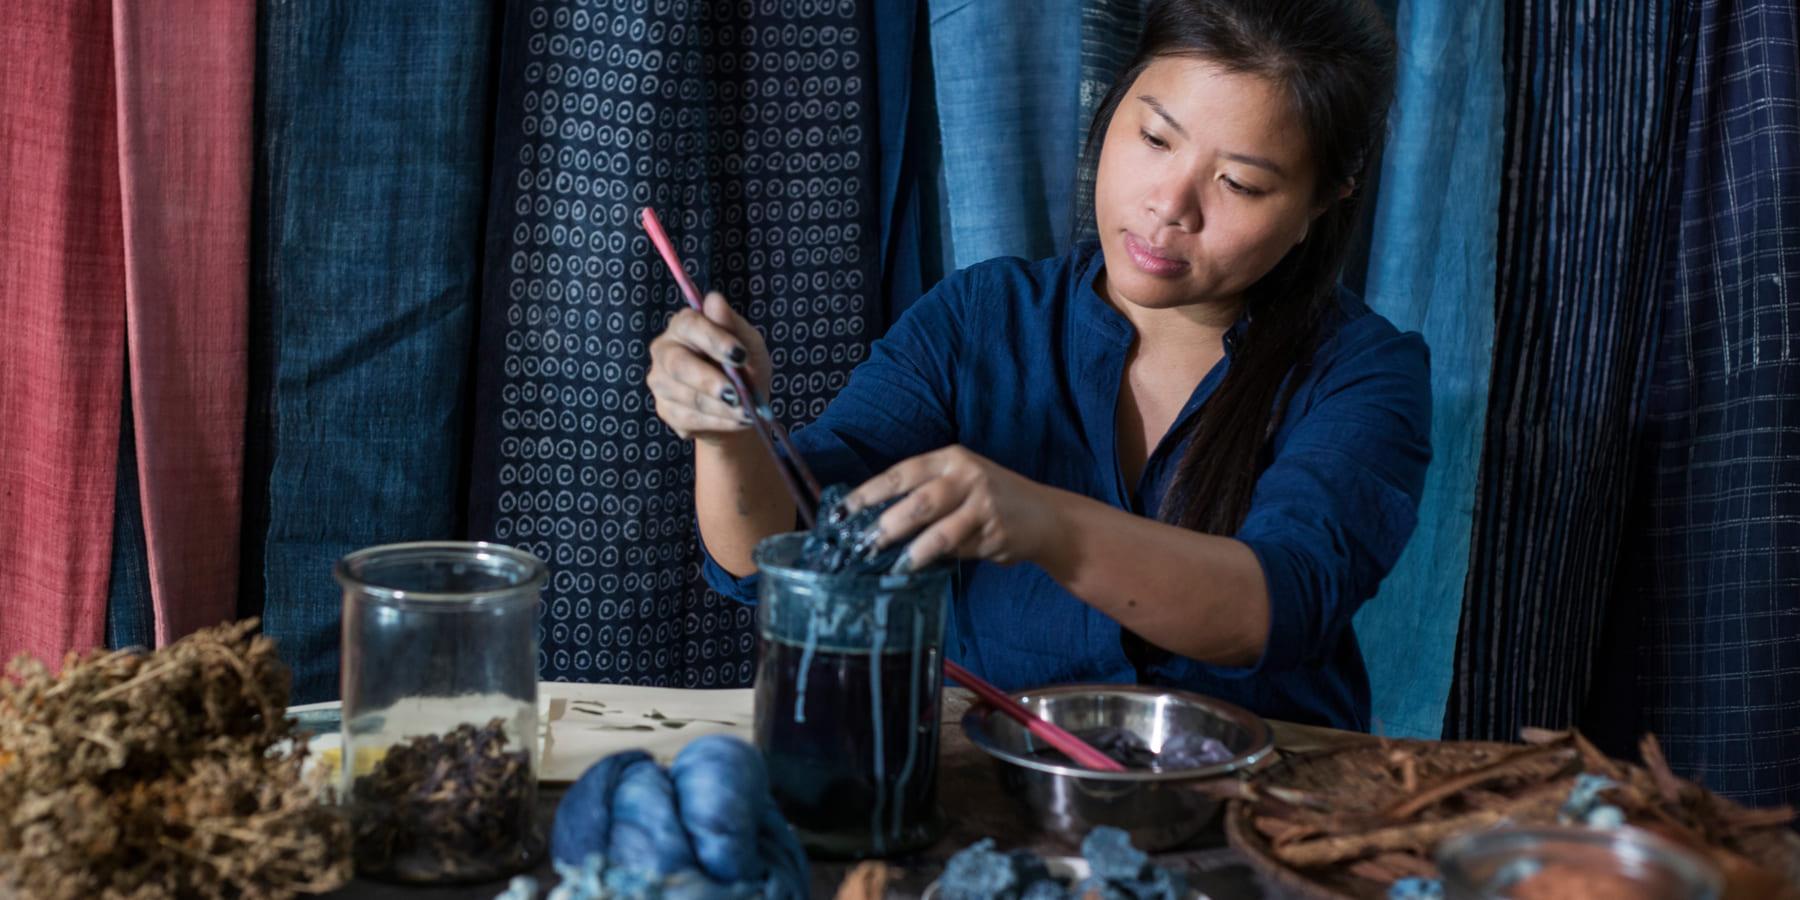 伝統工芸の価値をモダンデザインで保護するエシカルブランド「Kilomet109」